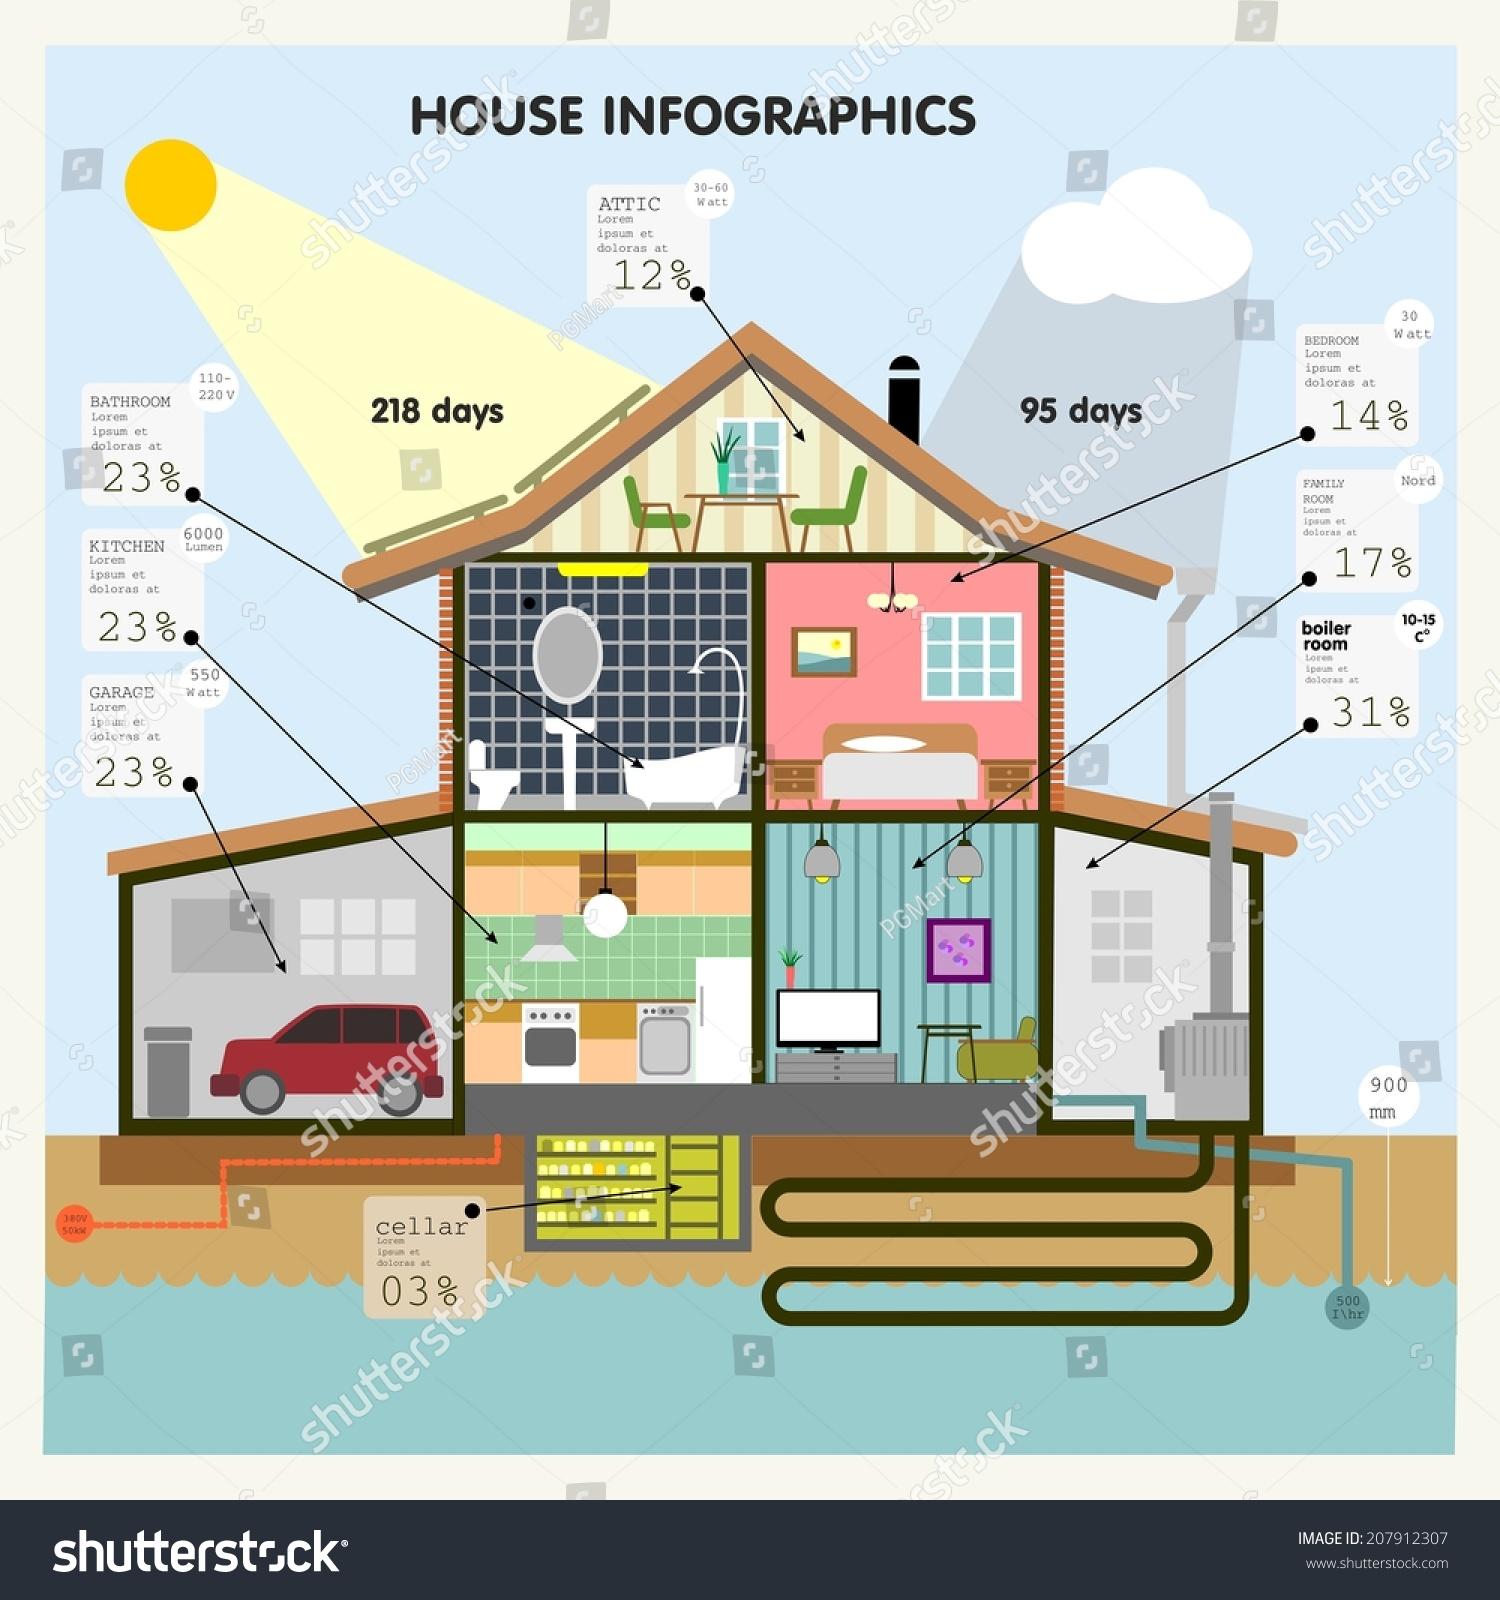 set elements smart house infographics flat stock vector royalty Honda Element set elements of smart house infographics flat design